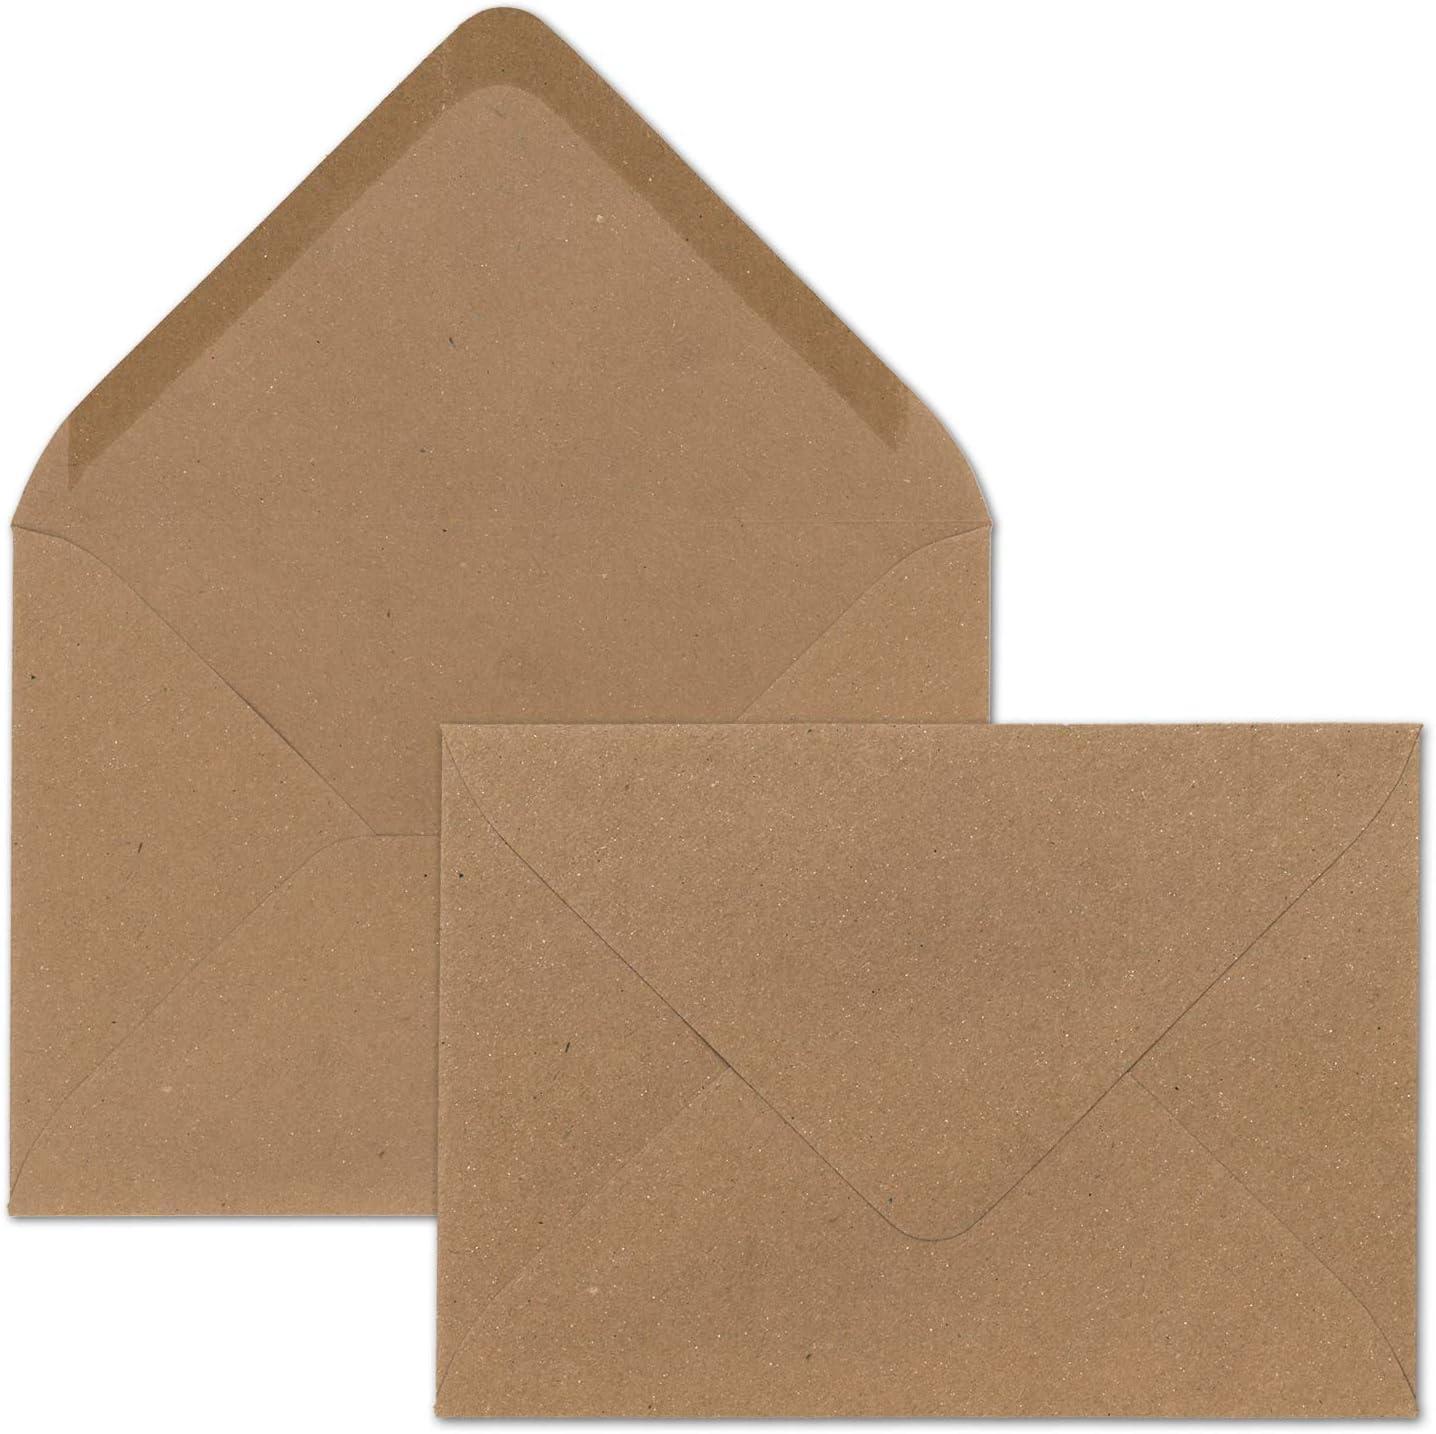 Recycling Klapp-Karten Braun 100x braunes Vintage Kraftpapier Falt-Karten Set mit Umschl/ägen DIN A6-10,5 x 14,8 cm blanko